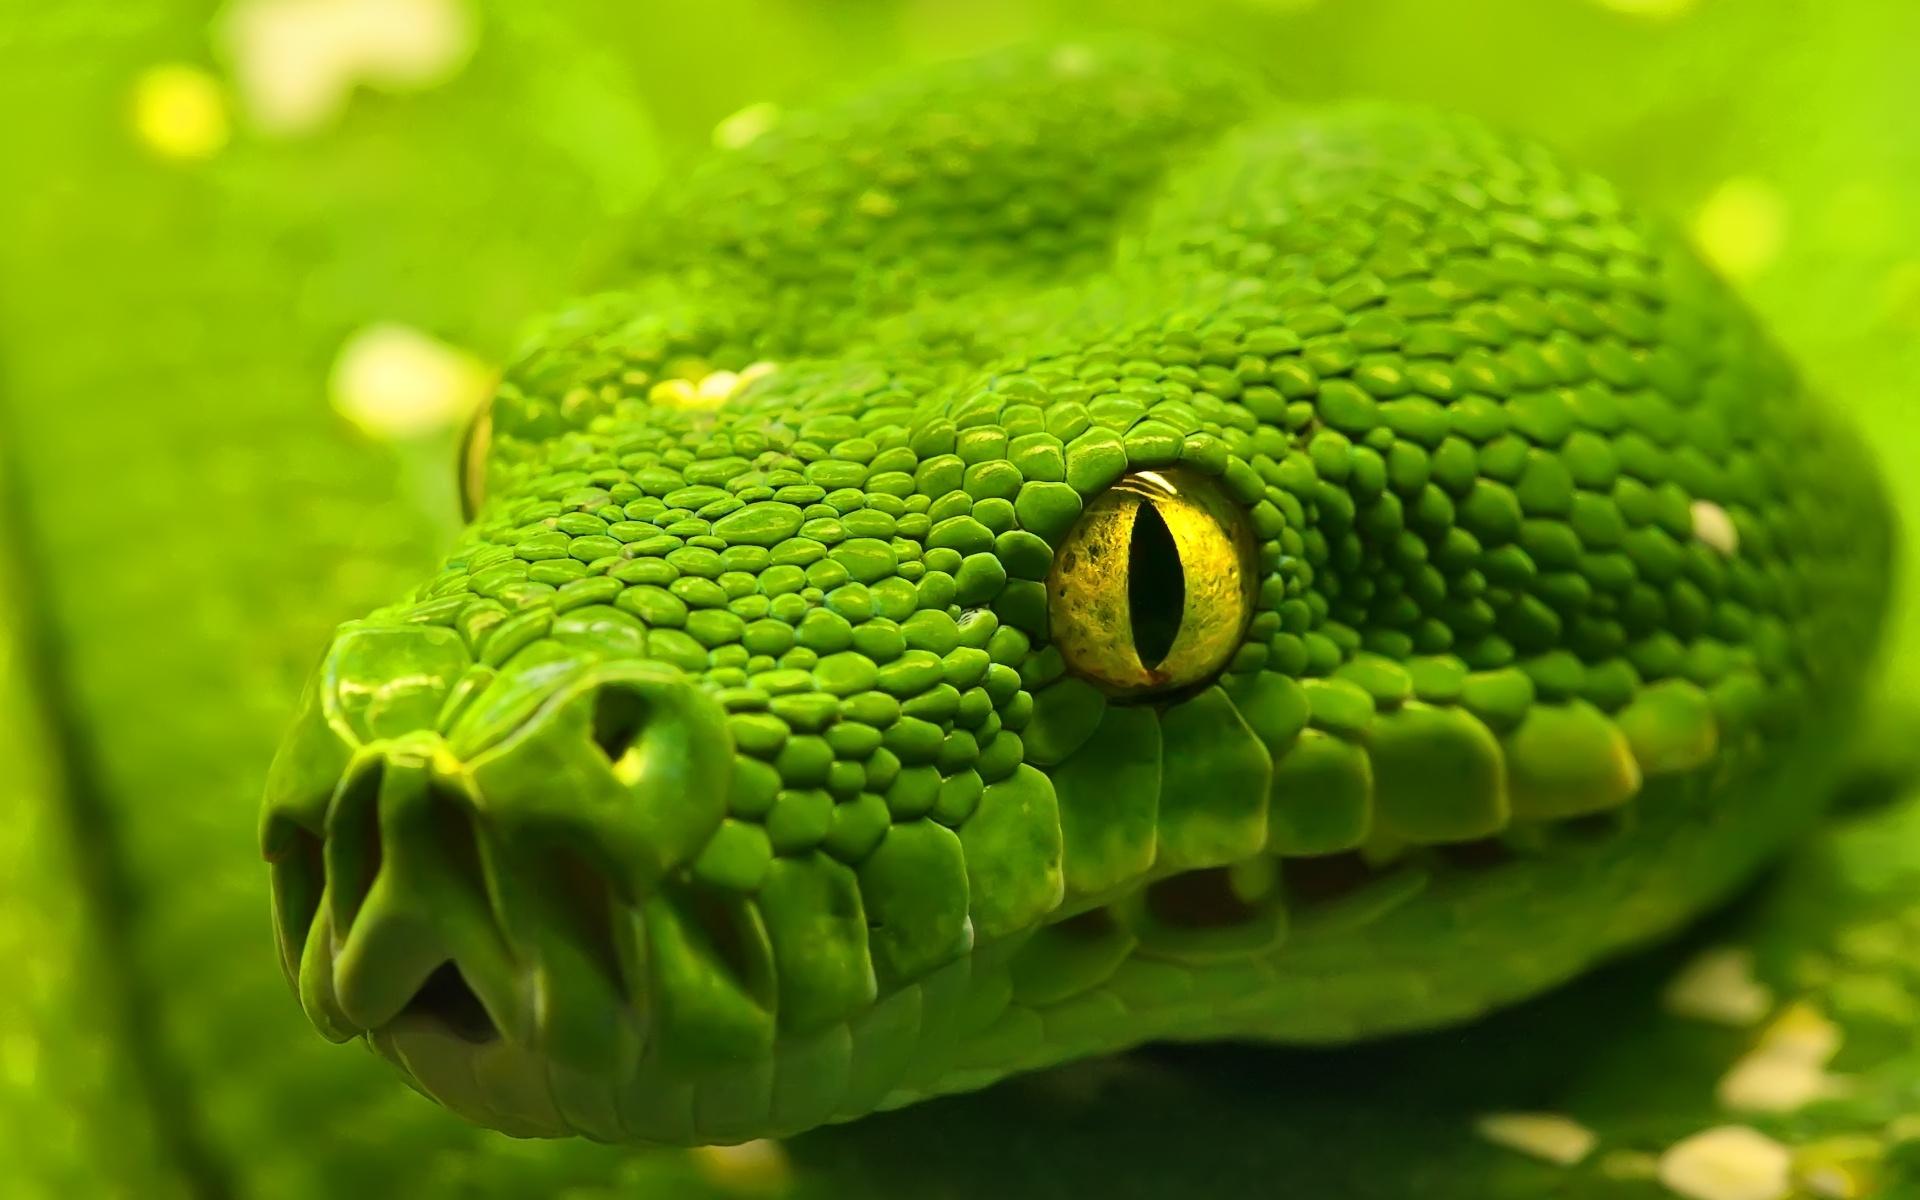 green-anaconda-widescreen-wallpapers-free-download-best-desktop-background-wallpapers-of-anaconda